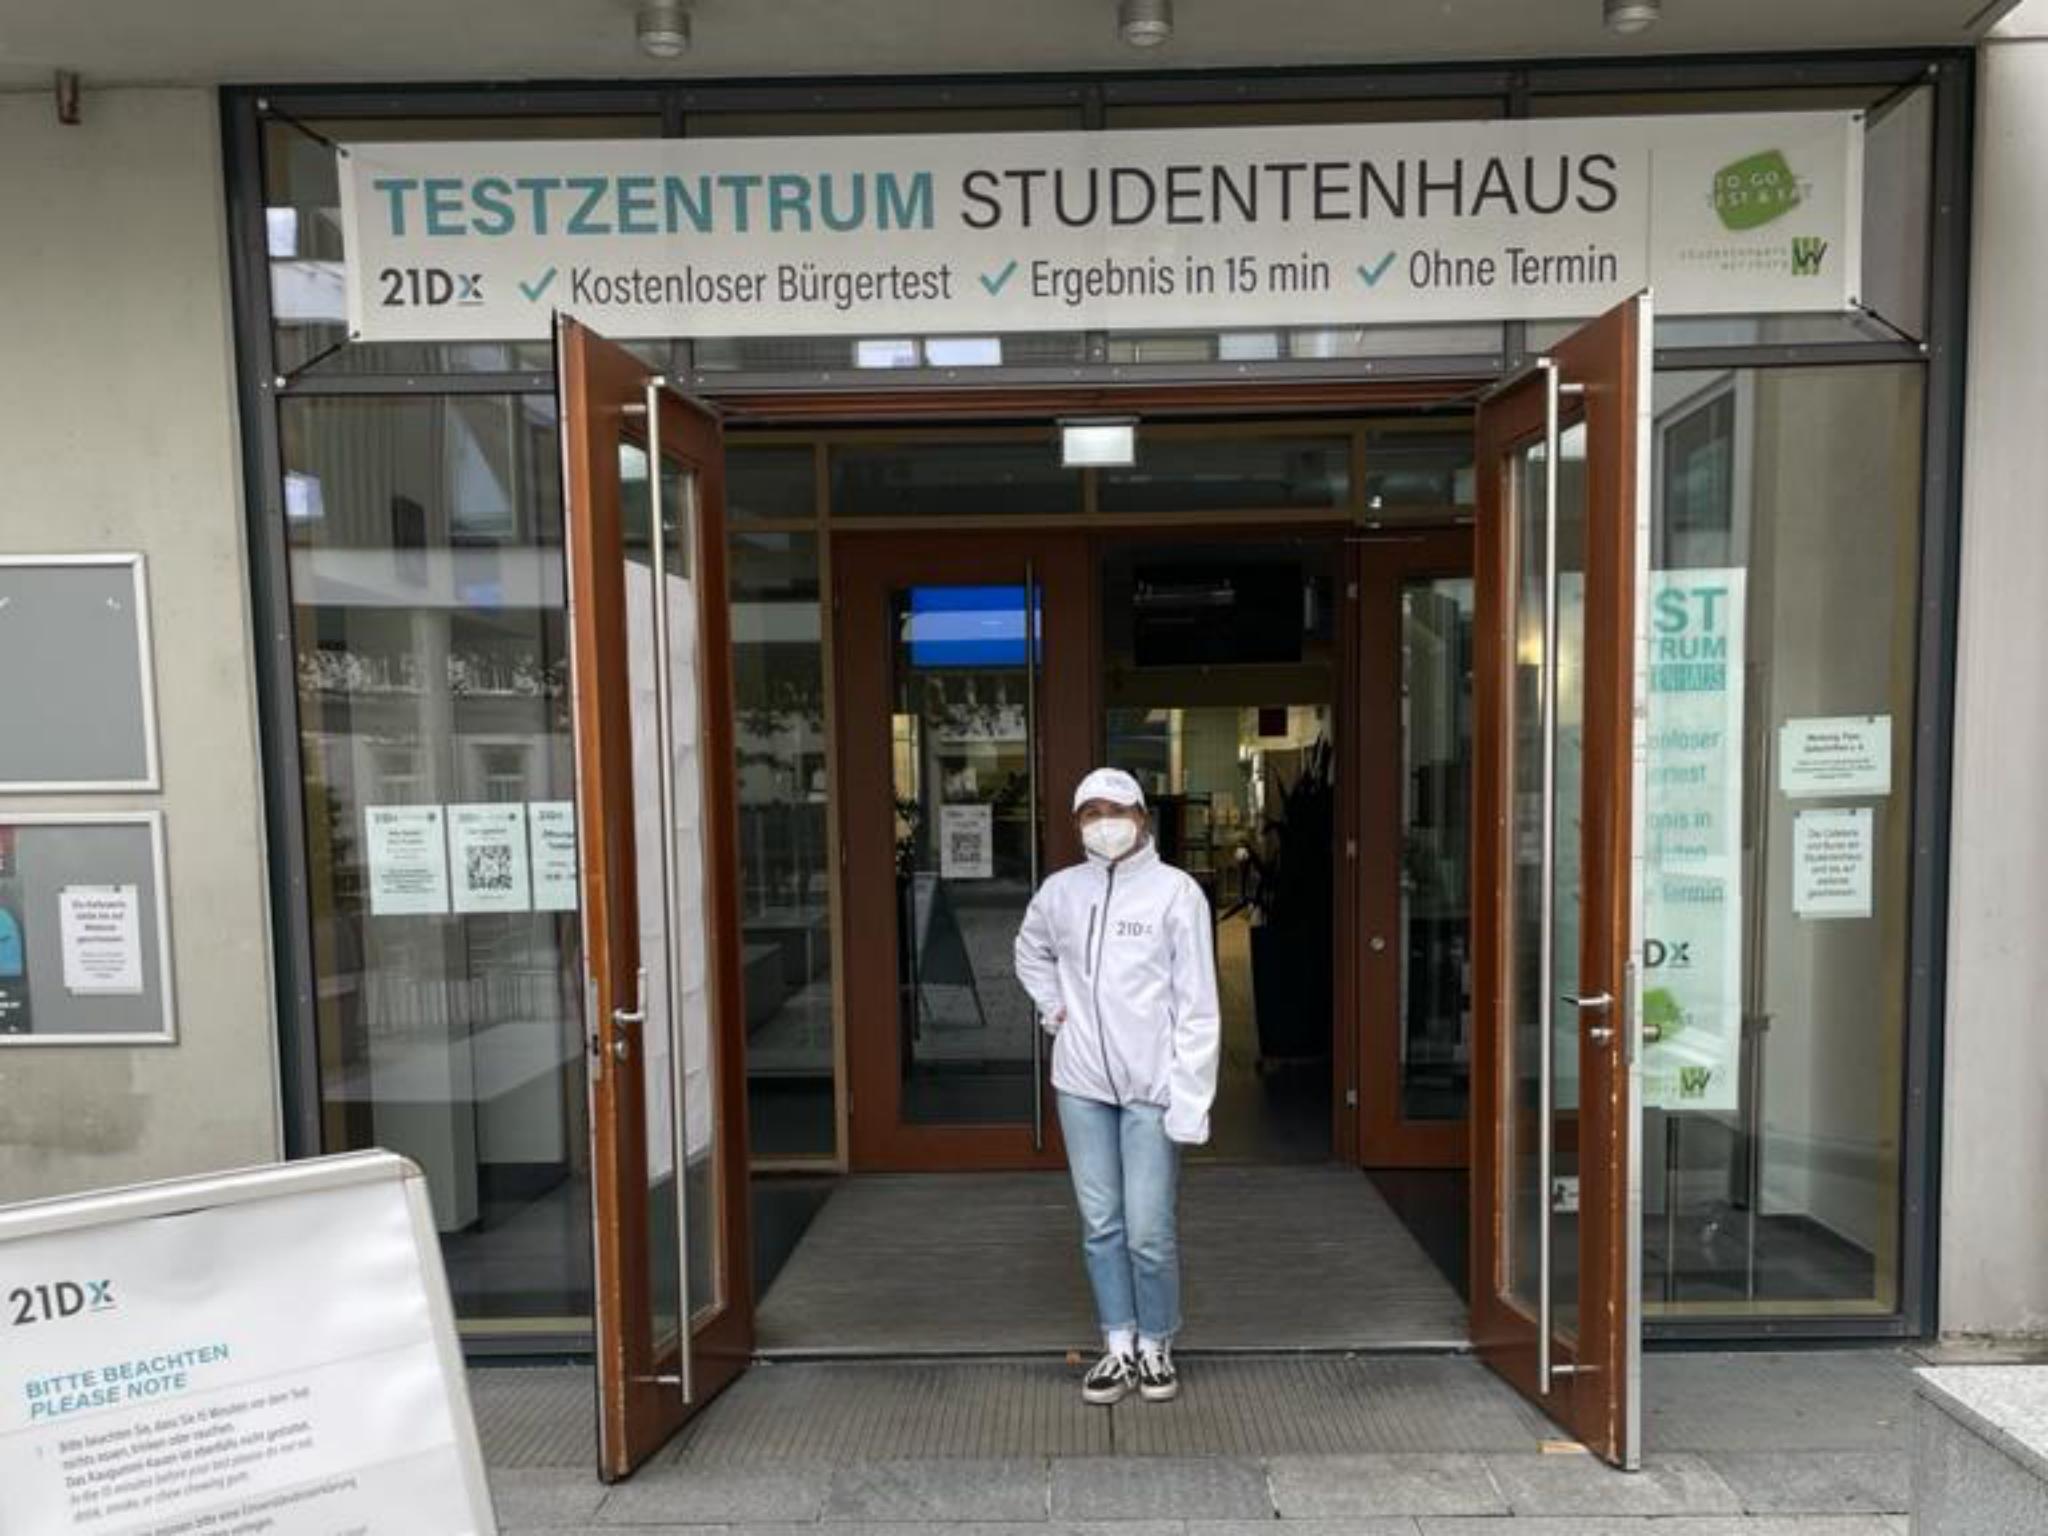 Eingang zum Testzentrum im Studentenhaus. Foto: Marvin Jeromin